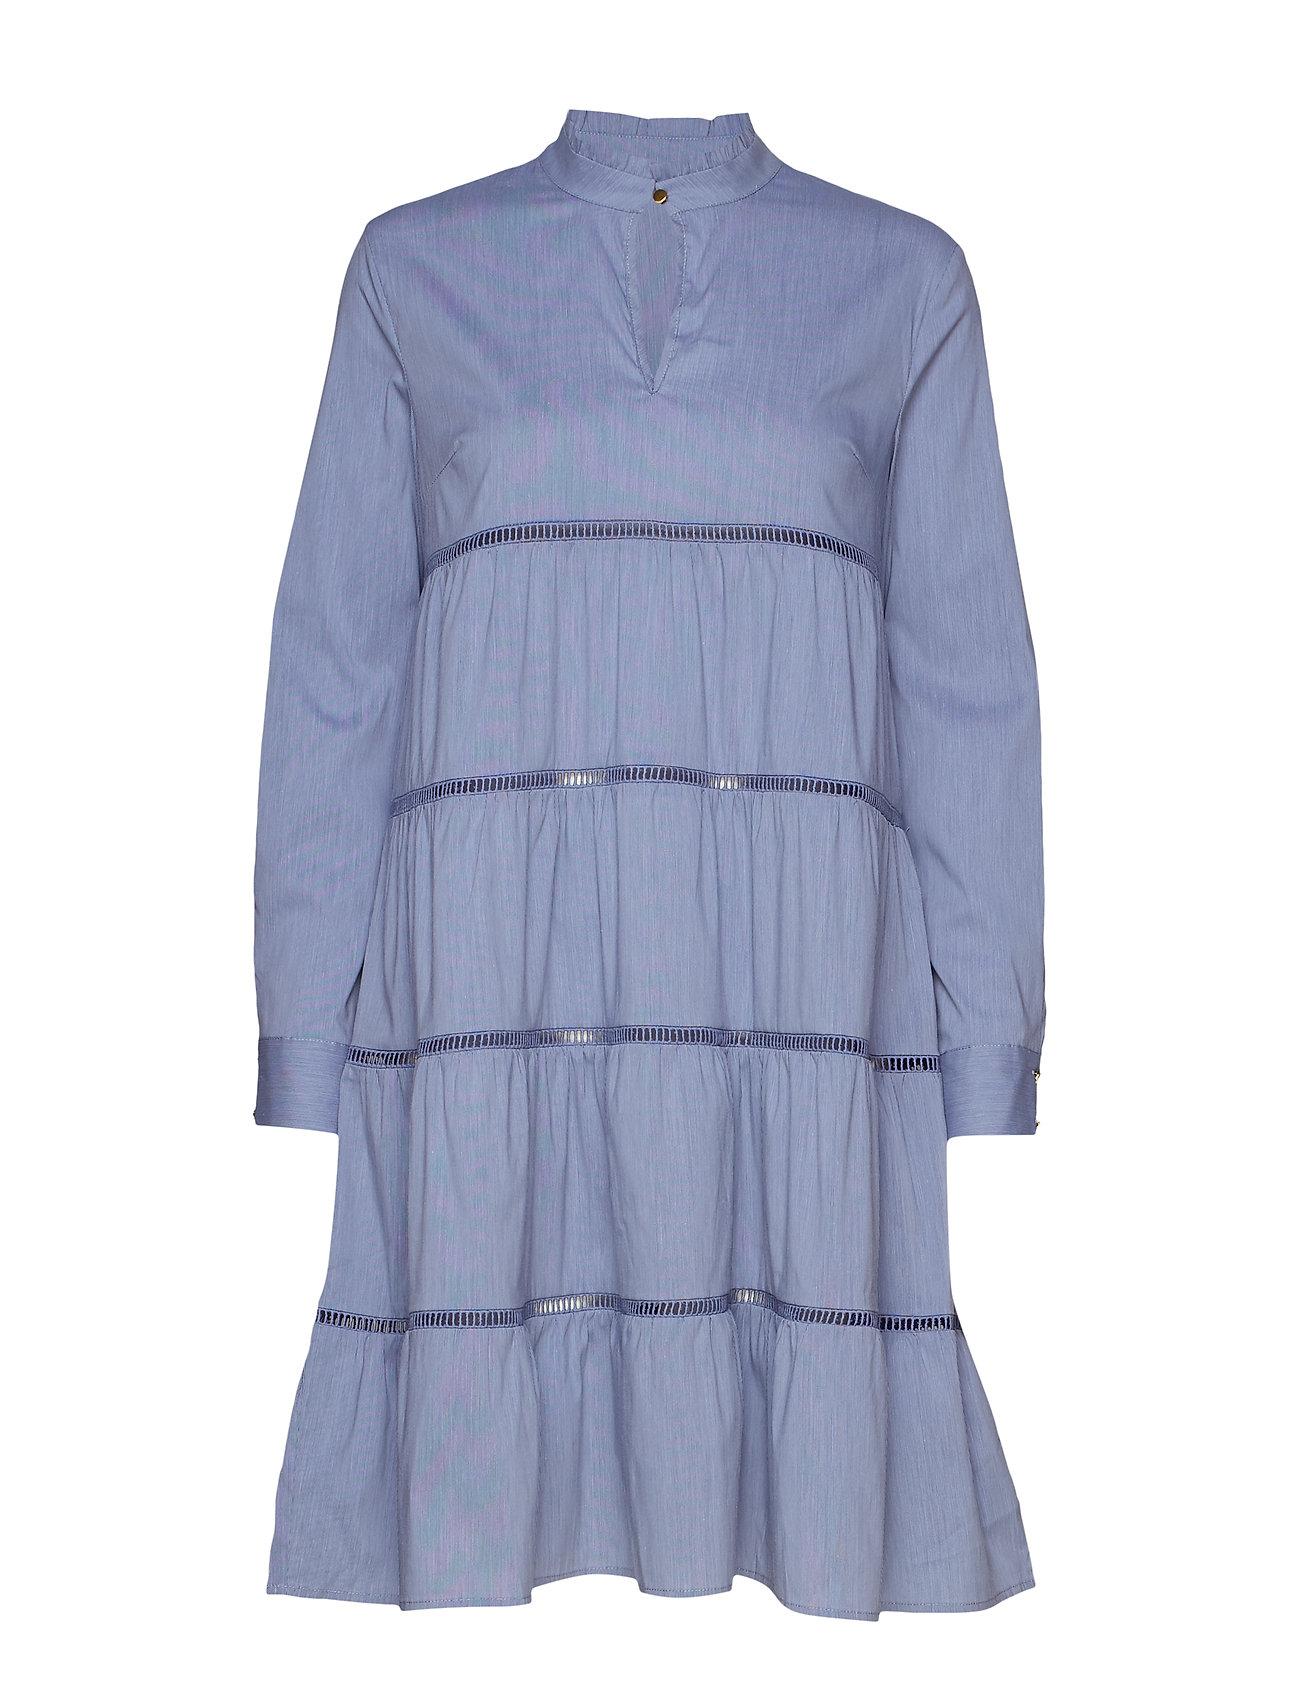 Sofie Schnoor Dress - BLUE